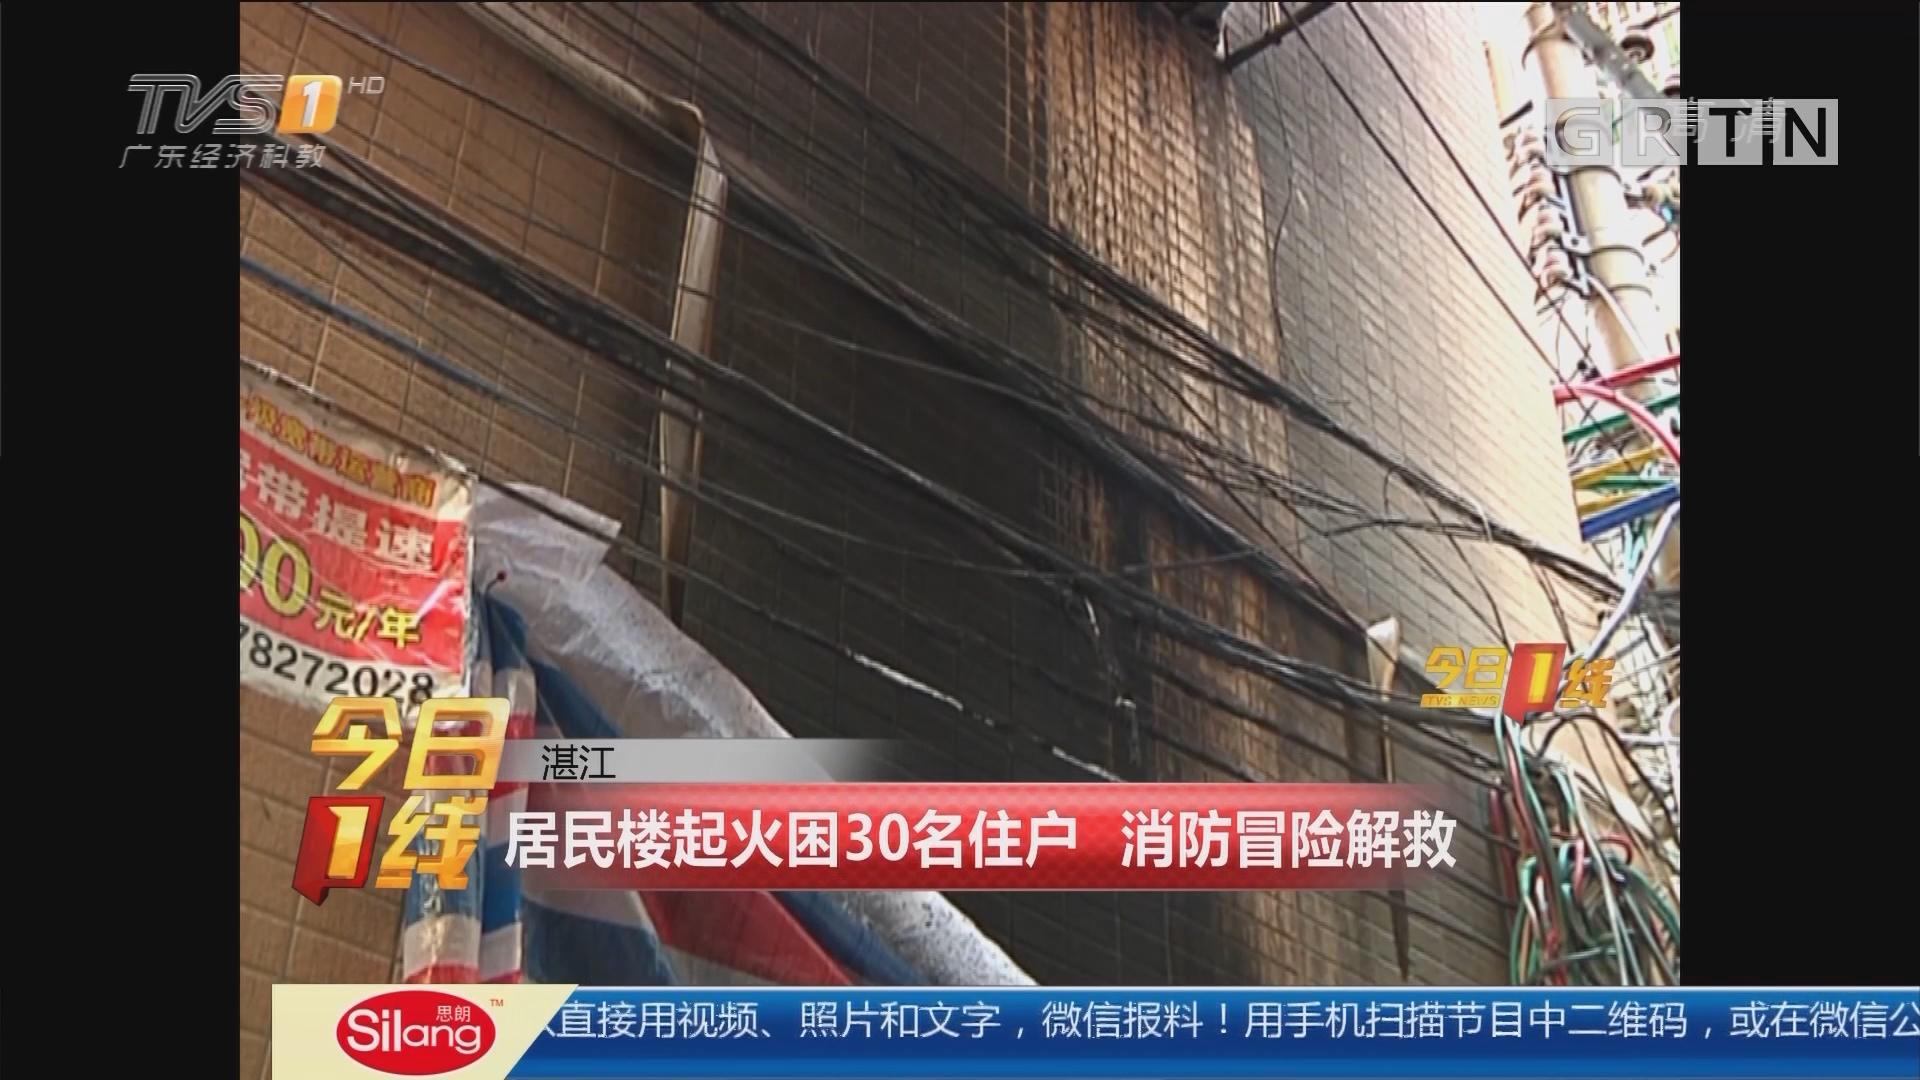 湛江:居民楼起火困30名住户 消防冒险解救